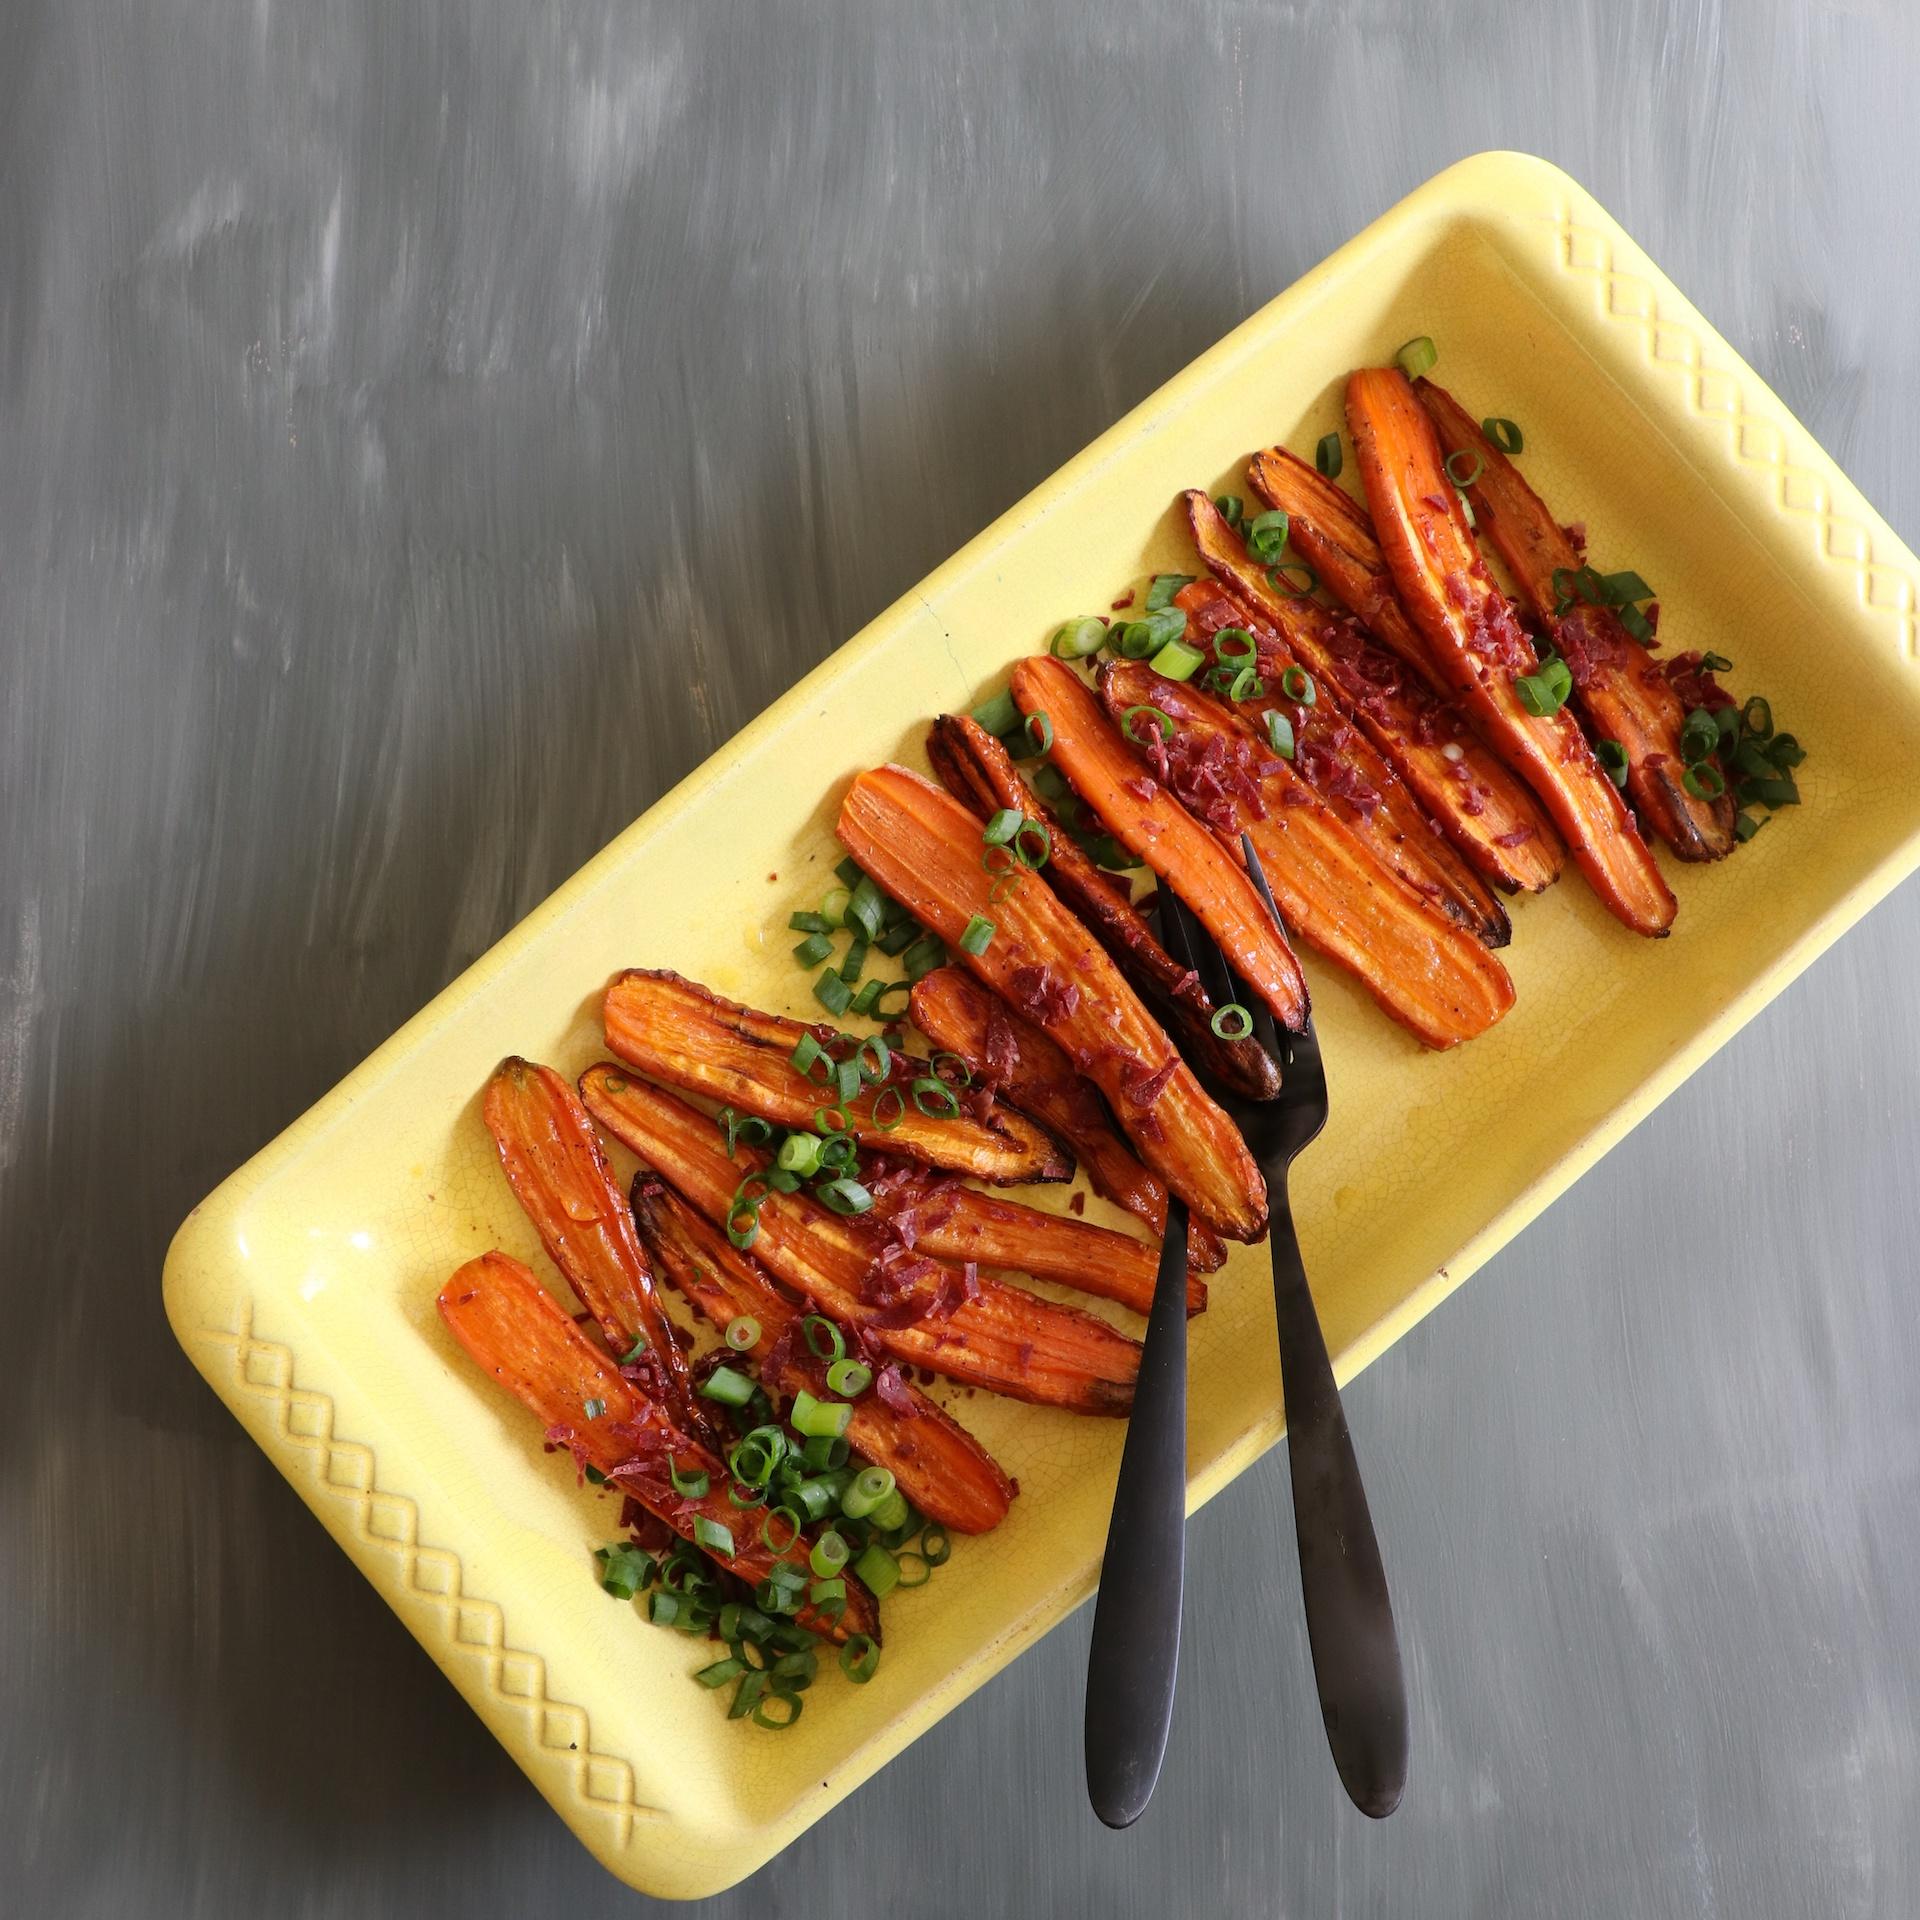 IMG_20170830_173102_859 Ungsbakade morötter med salladslök och Wild Chips